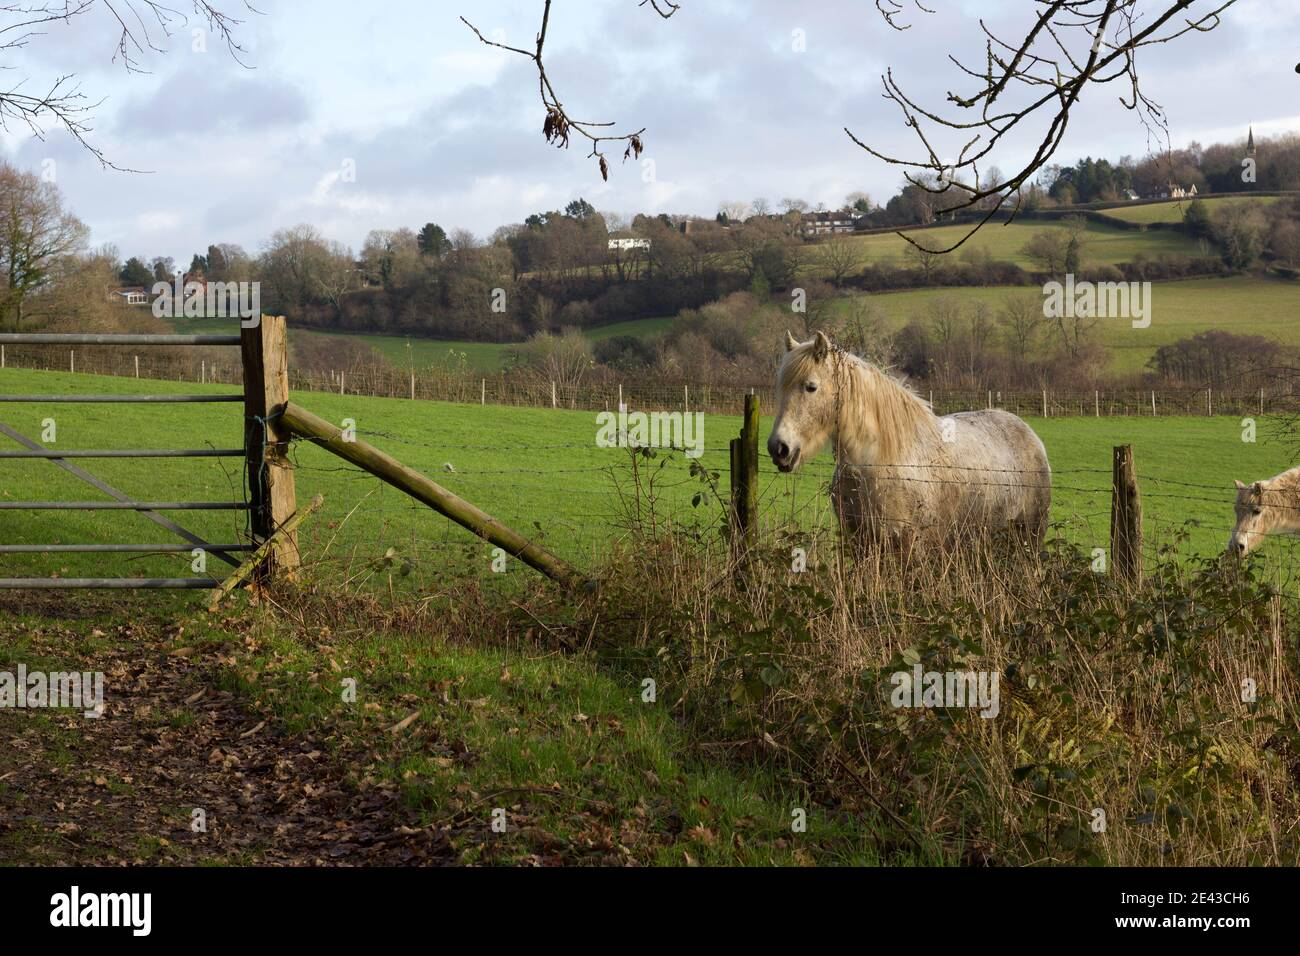 caballo pastando en la tierra de la granja en el día de invierno mirando hacia fuera detrás de la valla cableada Foto de stock